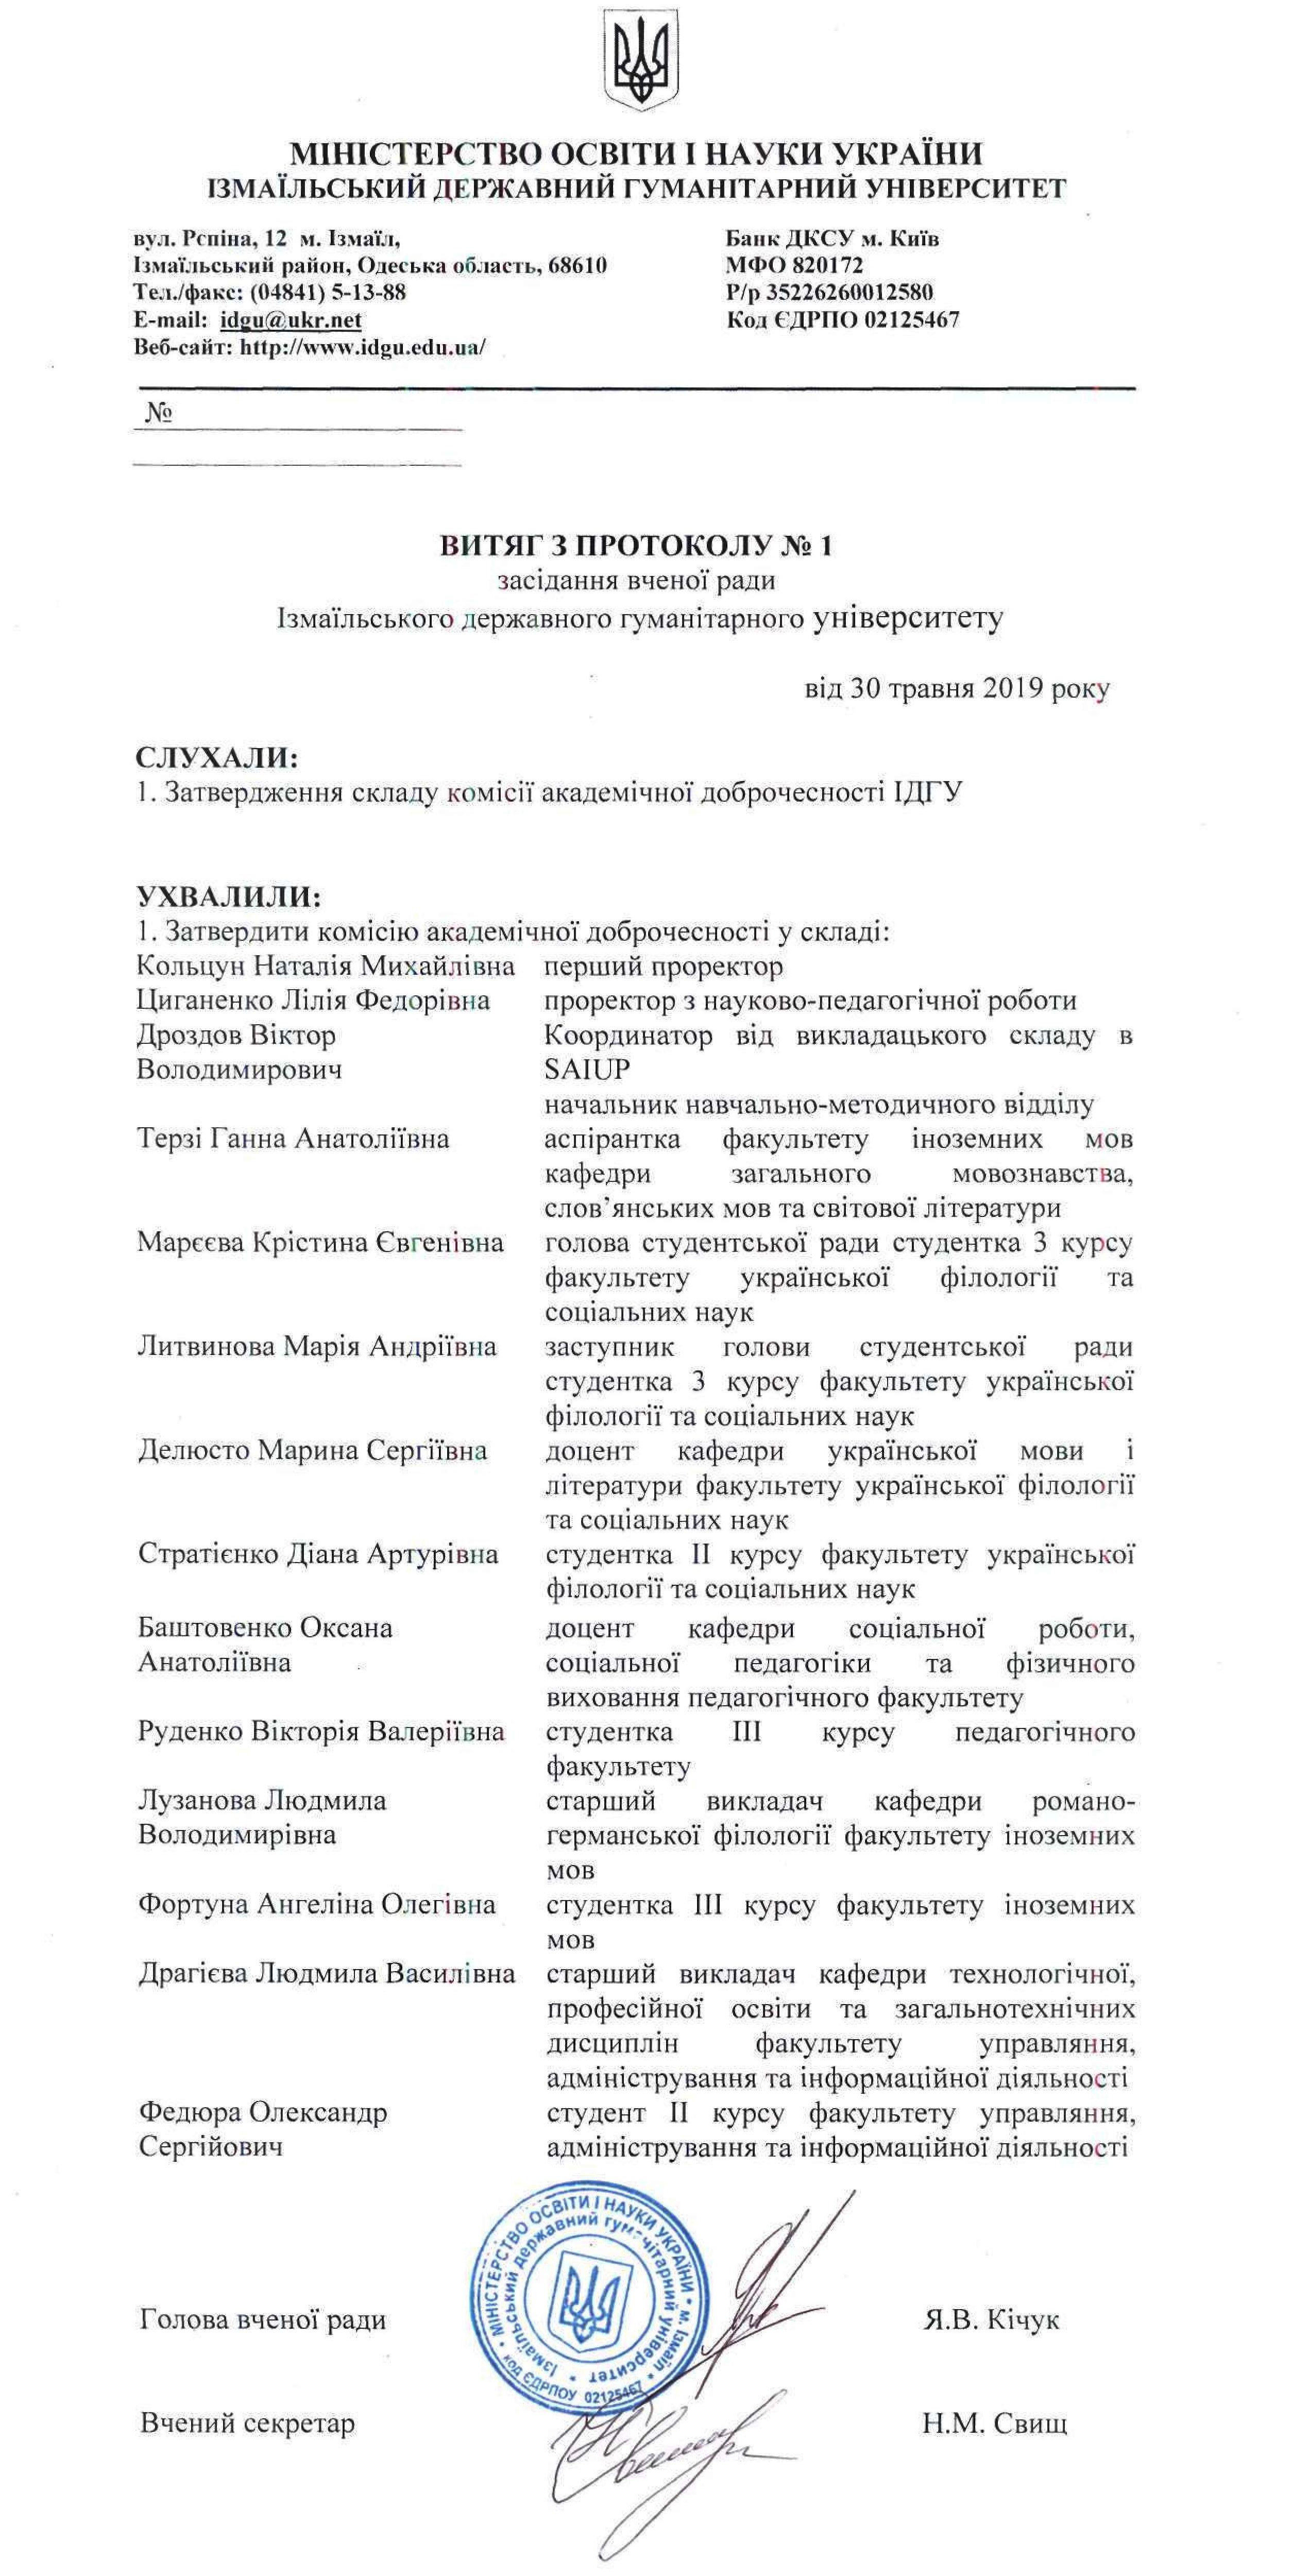 Склад комісії академічної доброчесності ІДГУ 2019